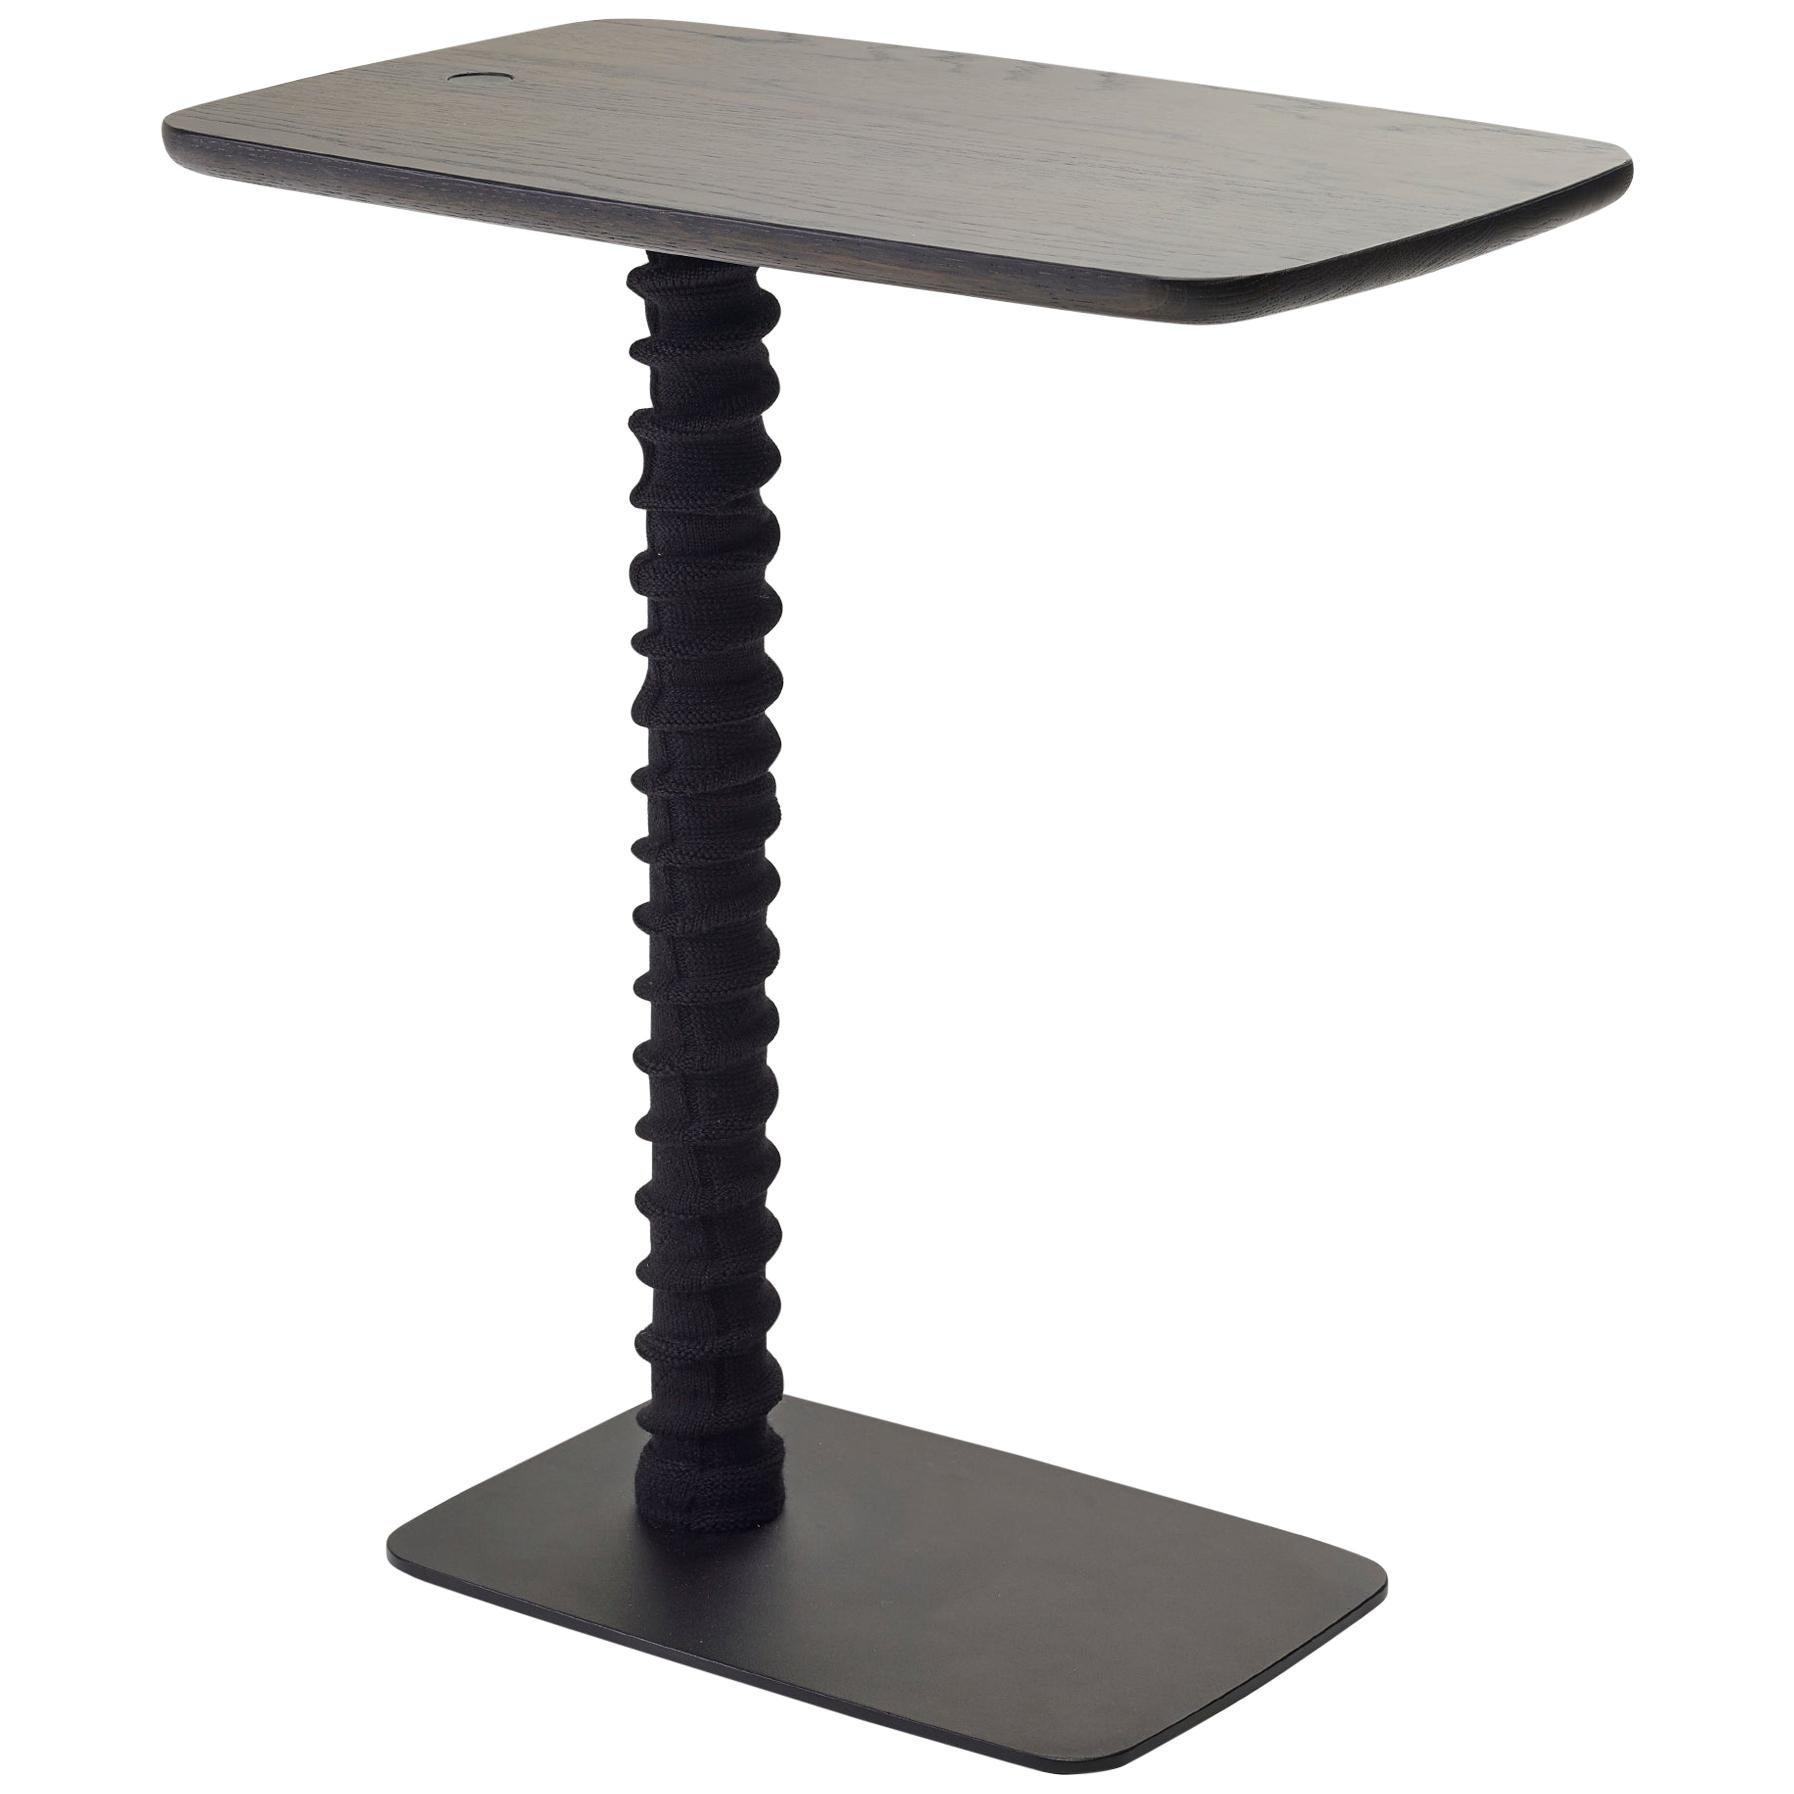 Utensils Adjustable Side Table Designed by Arco Design Studio